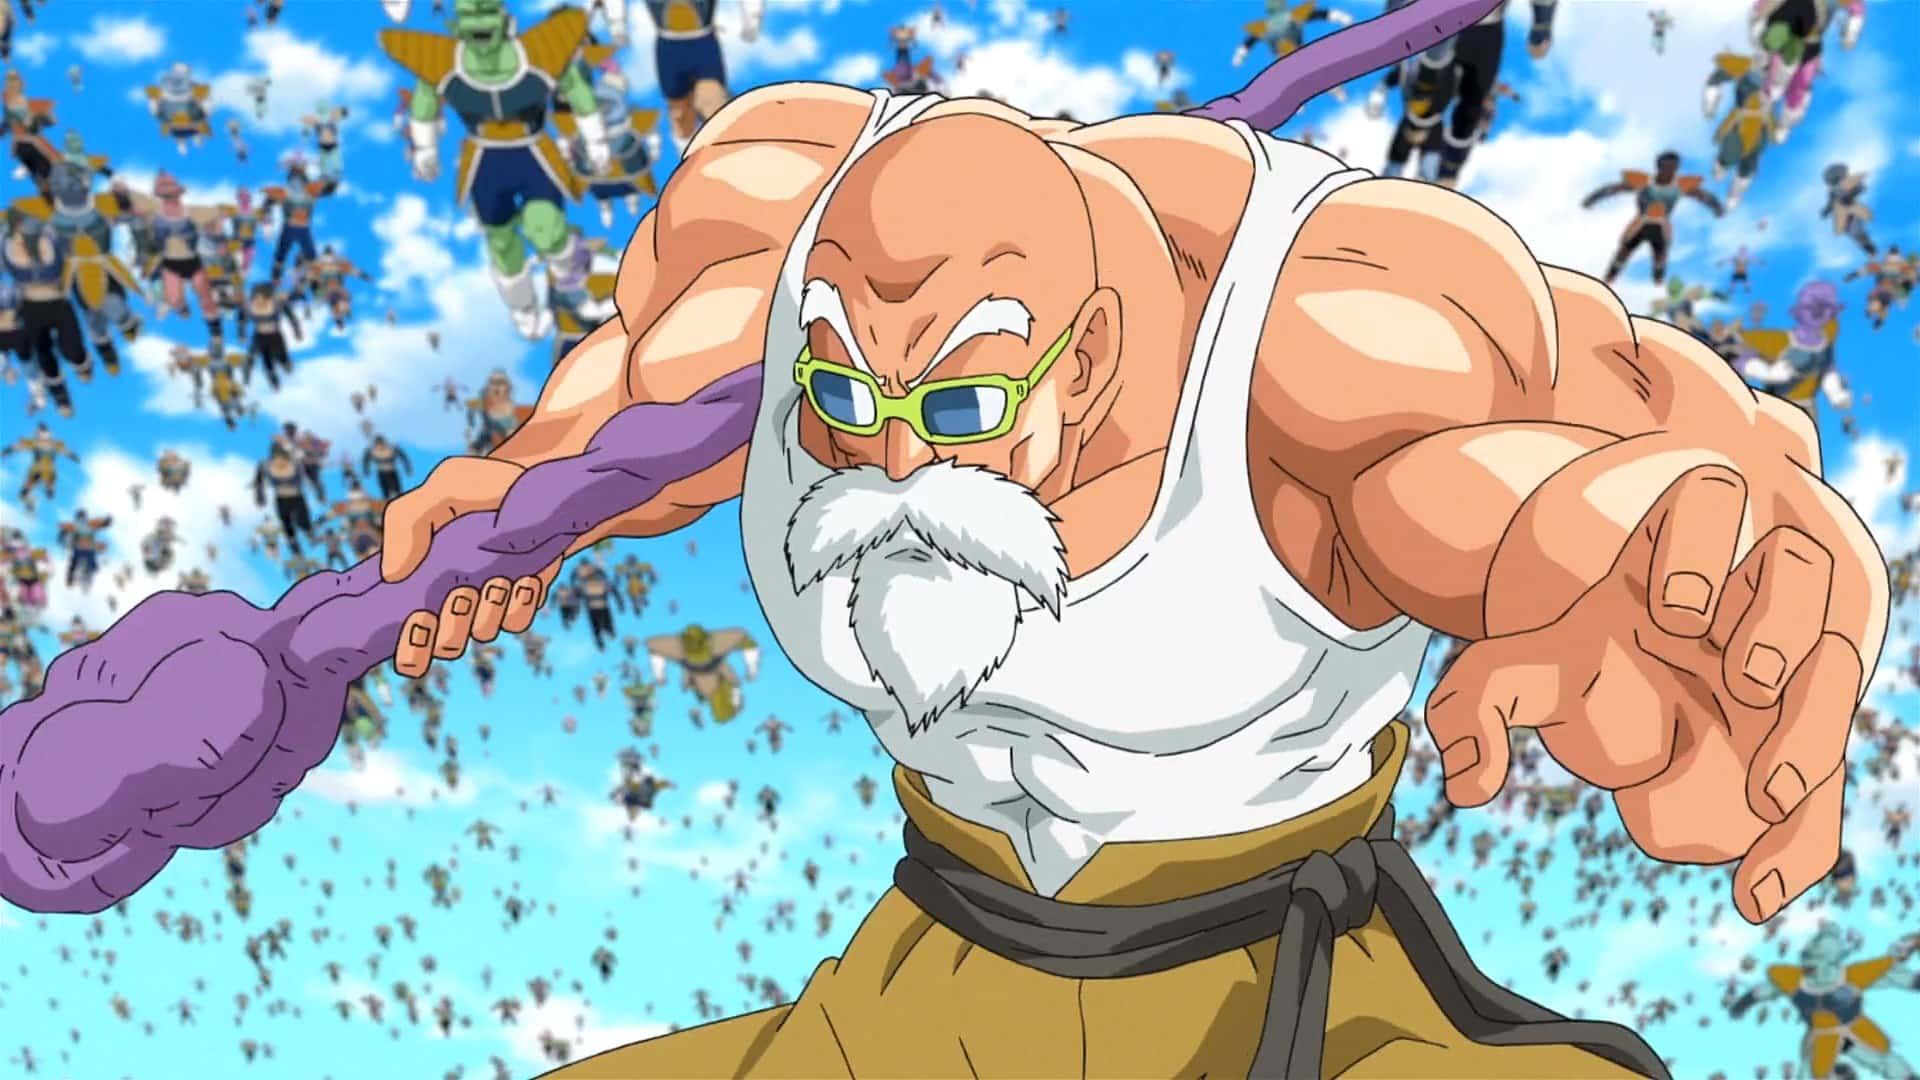 Master Roshi Dragon Ball Z Resurrection F 4 Vgu